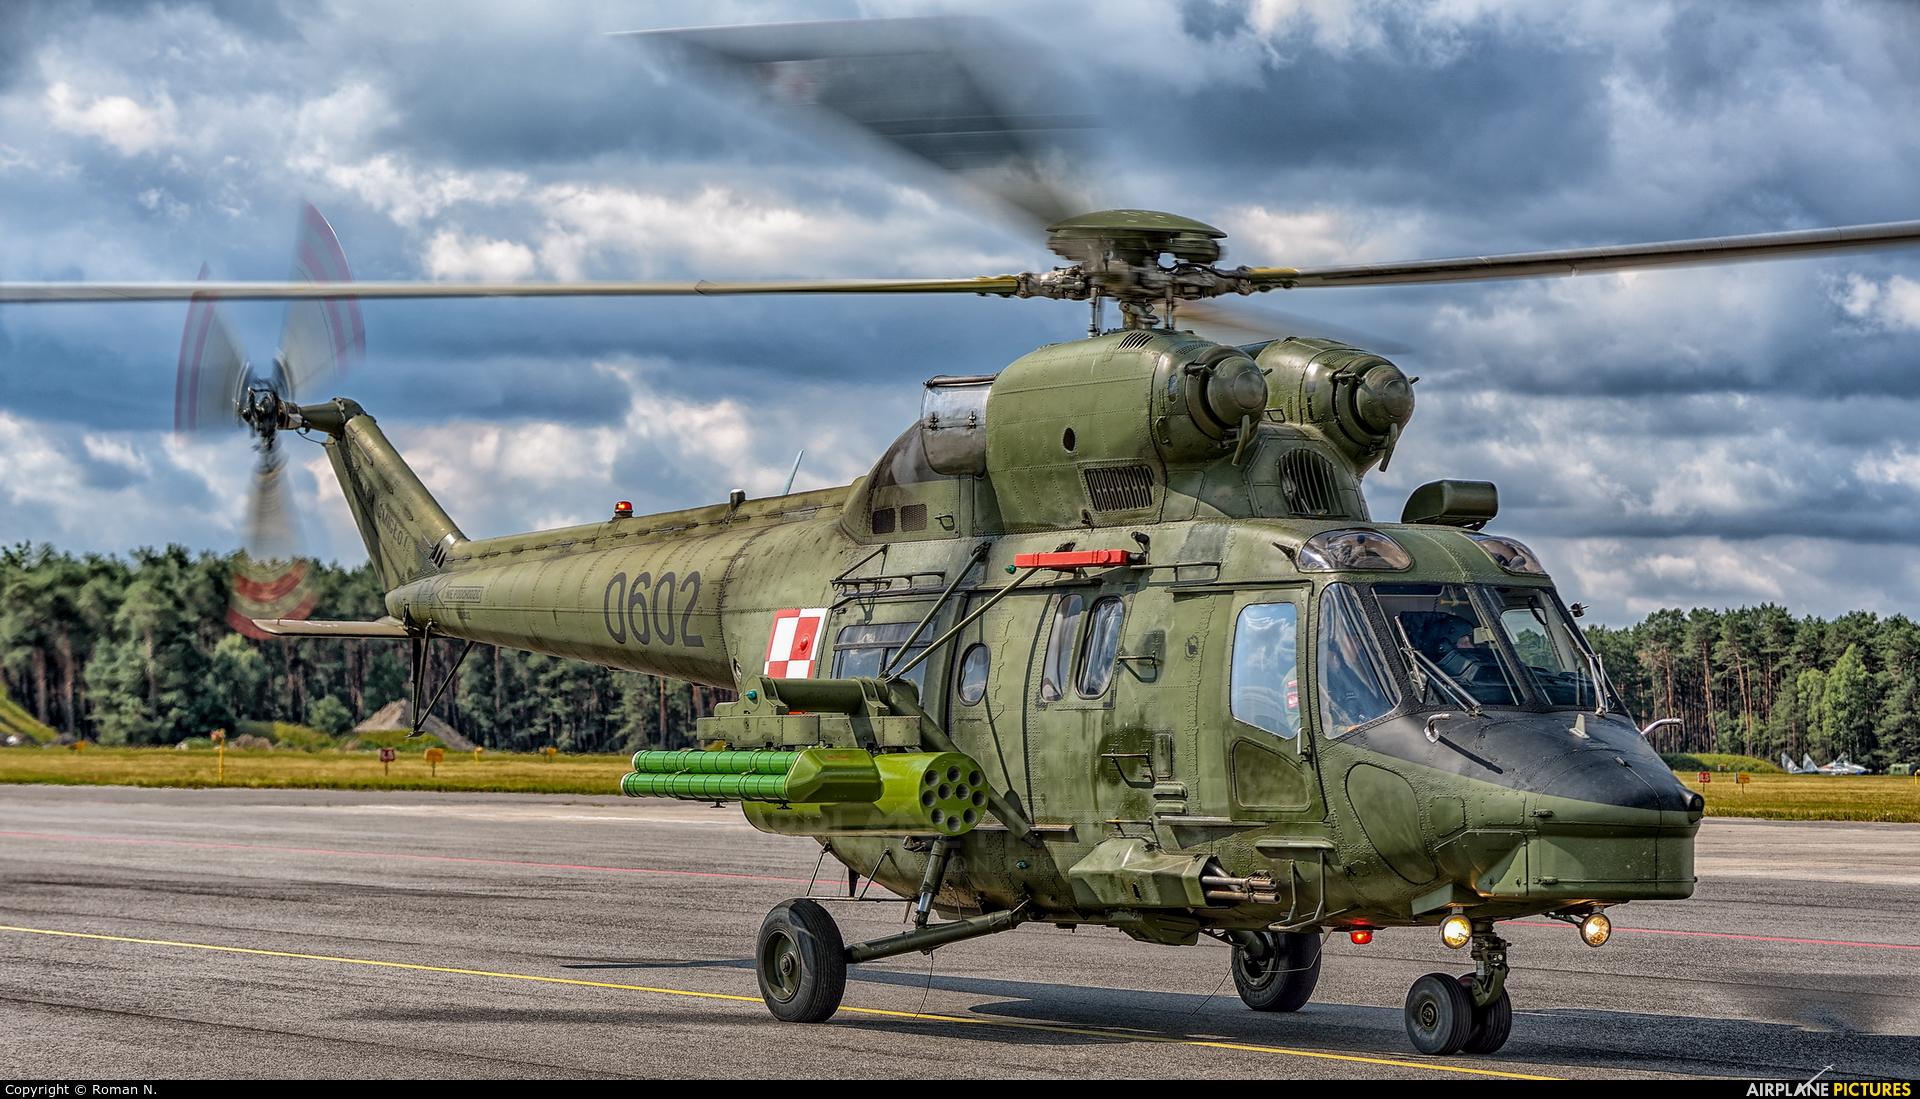 Poland - Army 0602 aircraft at Bydgoszcz - Szwederowo